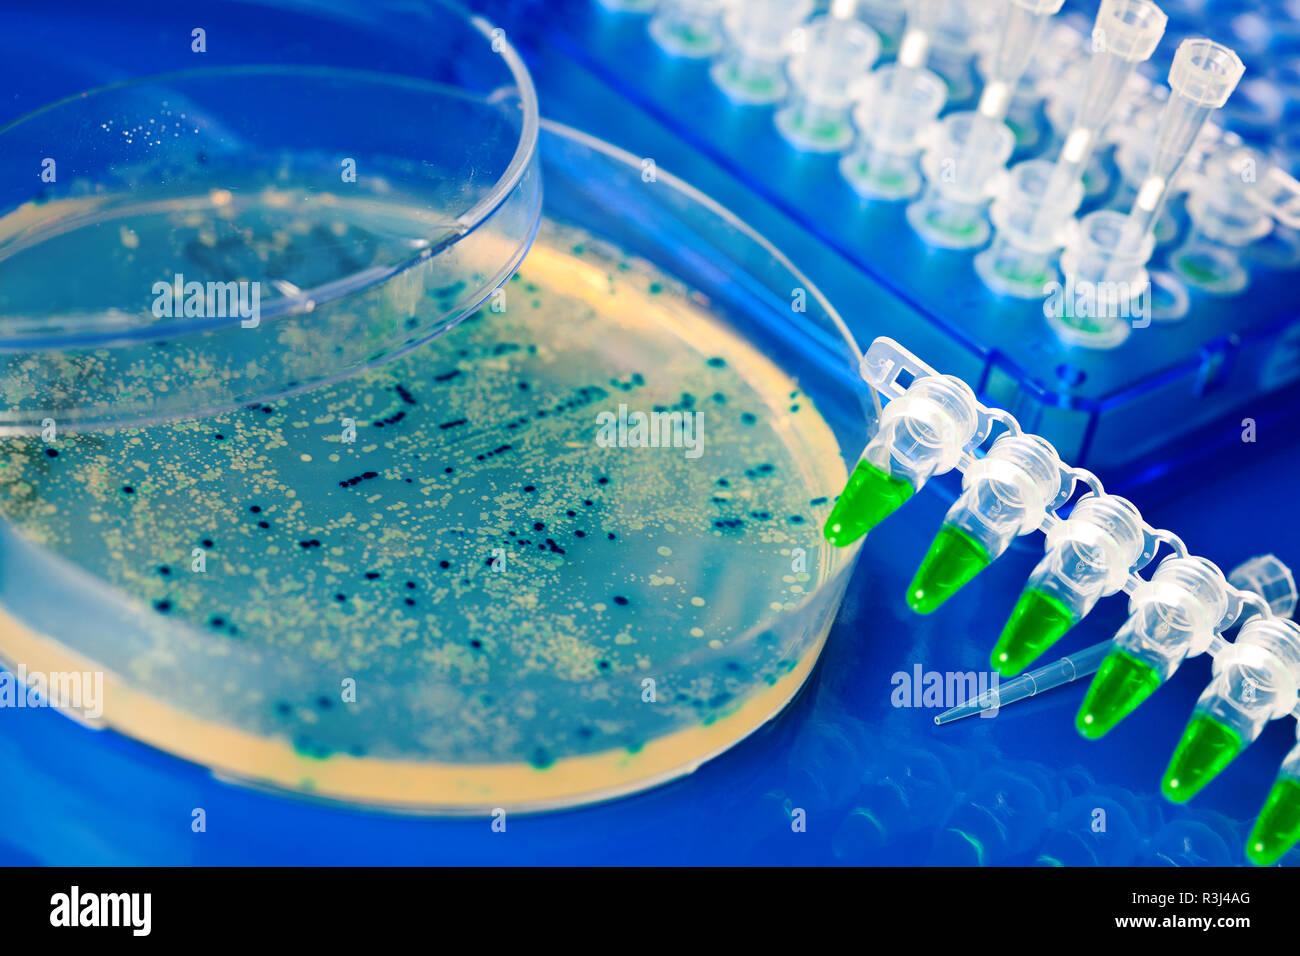 Placa de Petri con el crecimiento de los virus y las células bacterianas. micro orga Foto de stock